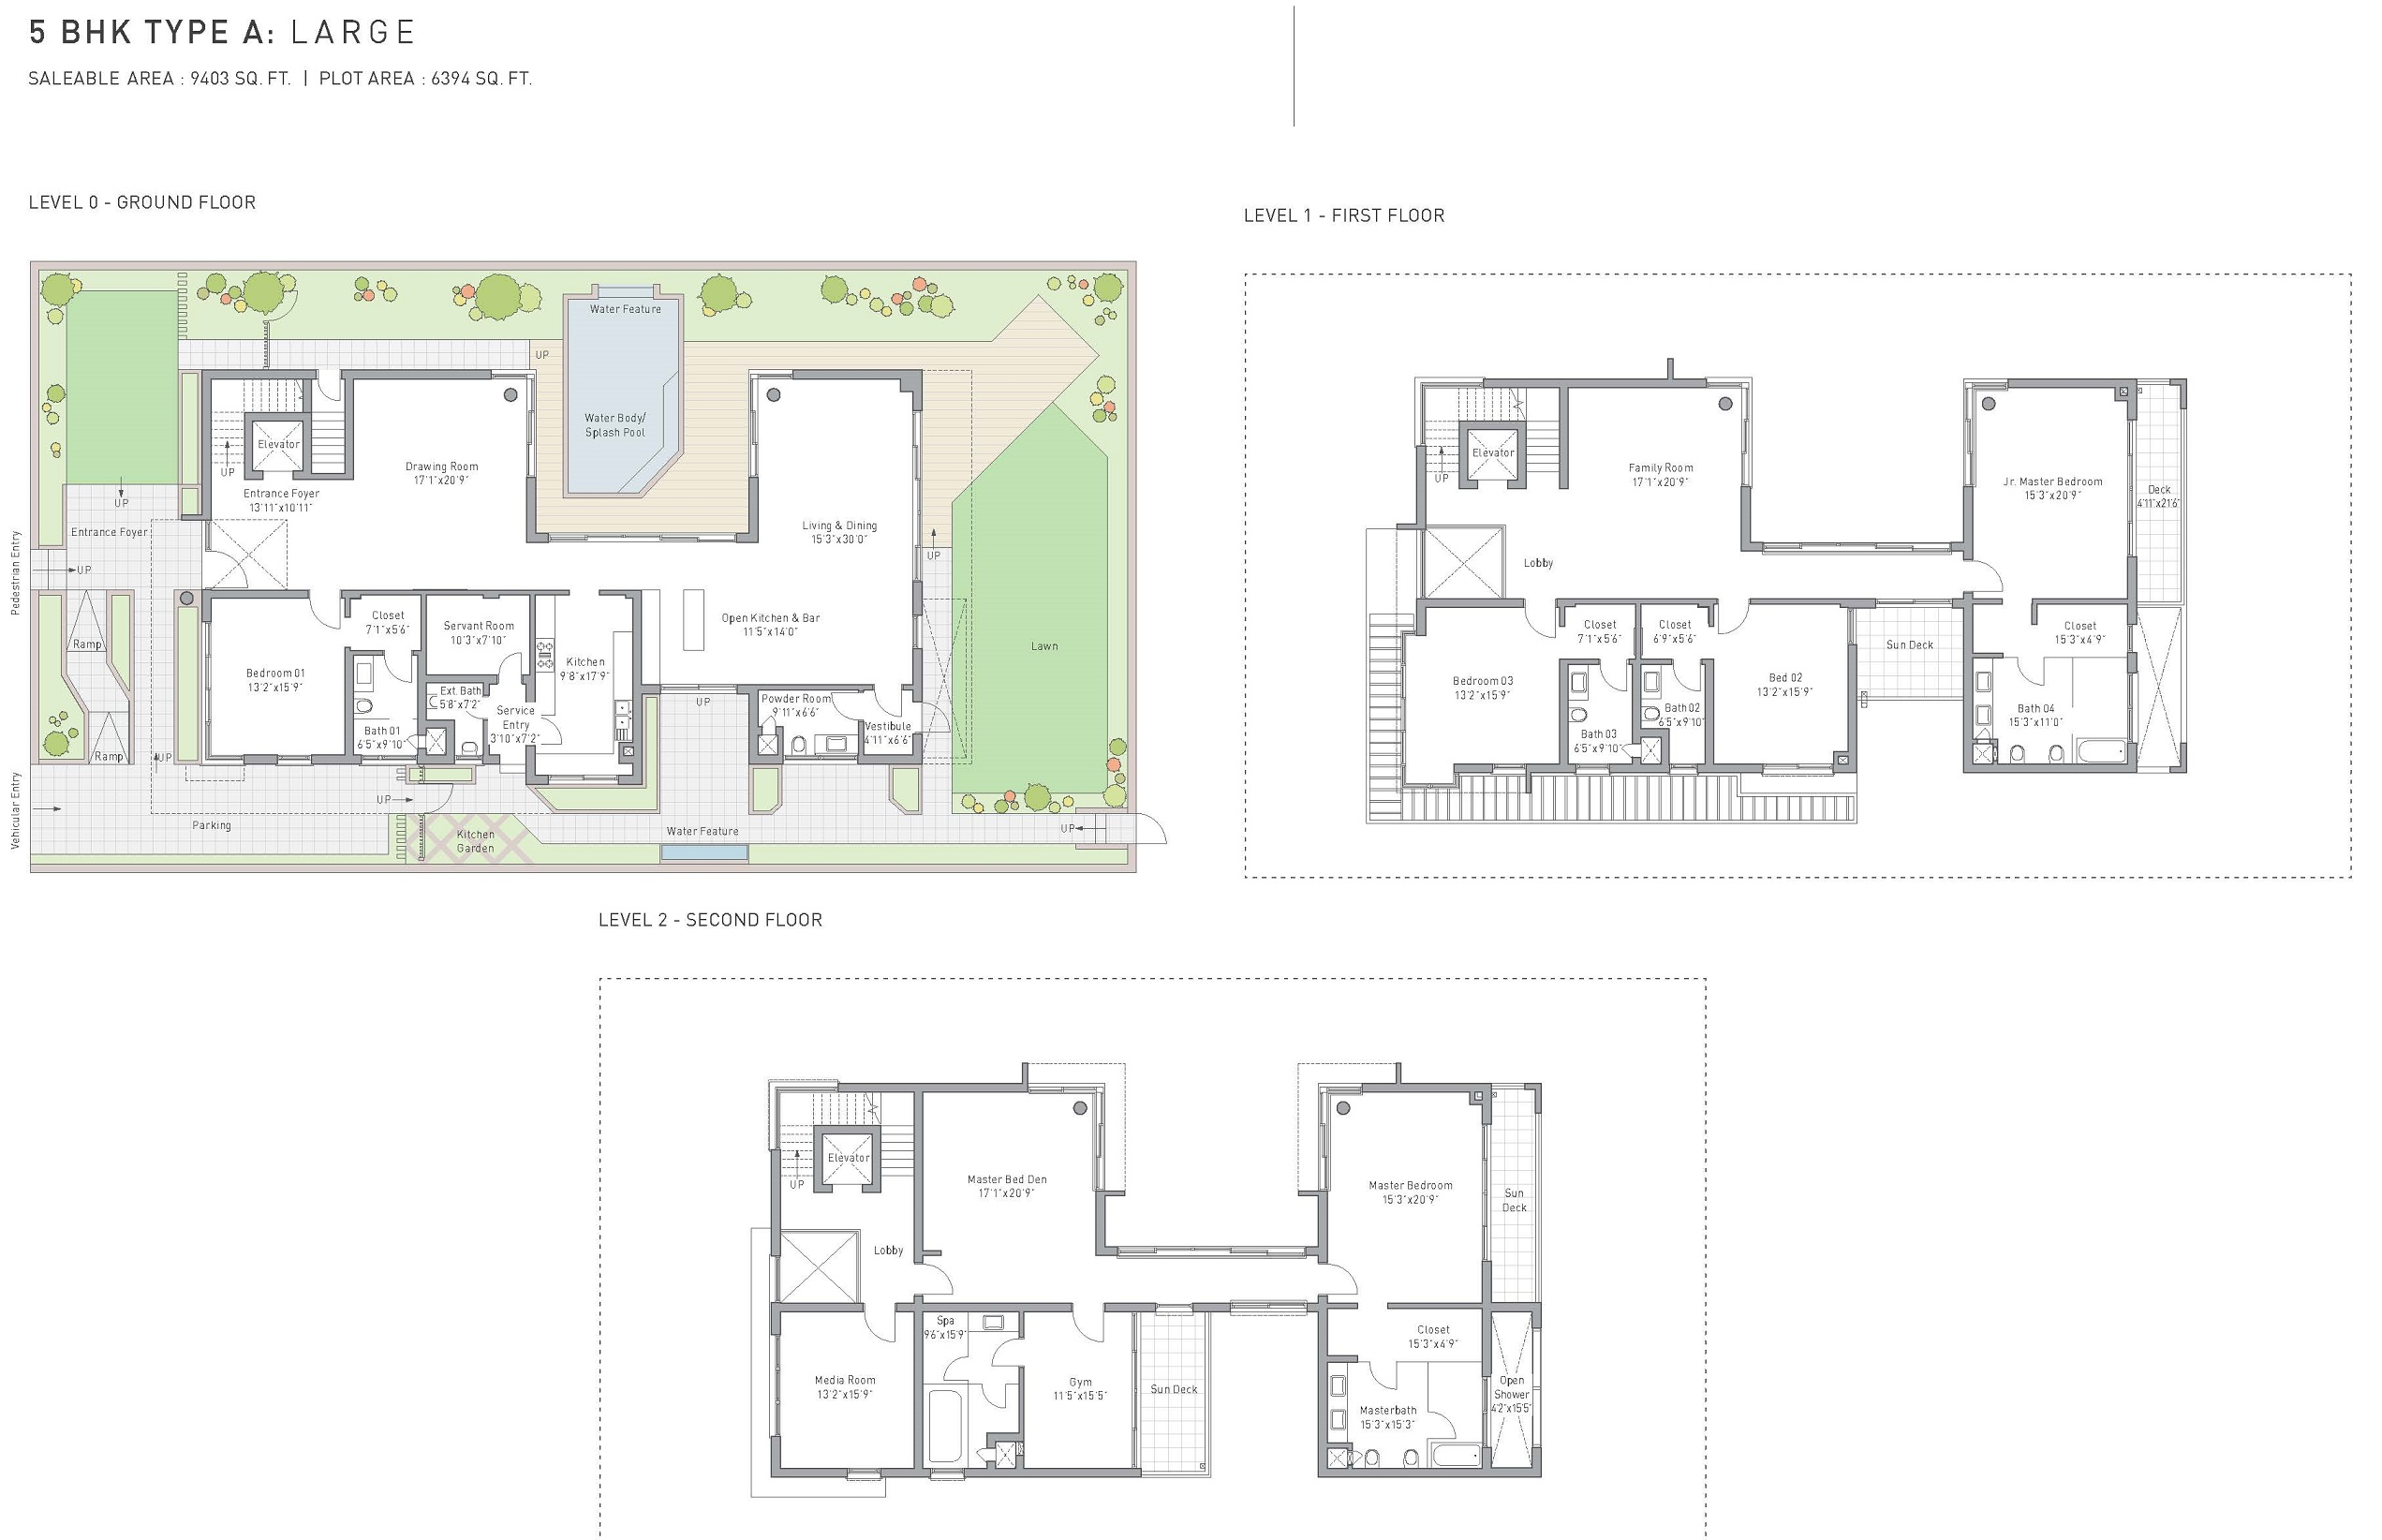 Tata arabella villas sohna road gurgaon for Landcraft homes floor plans